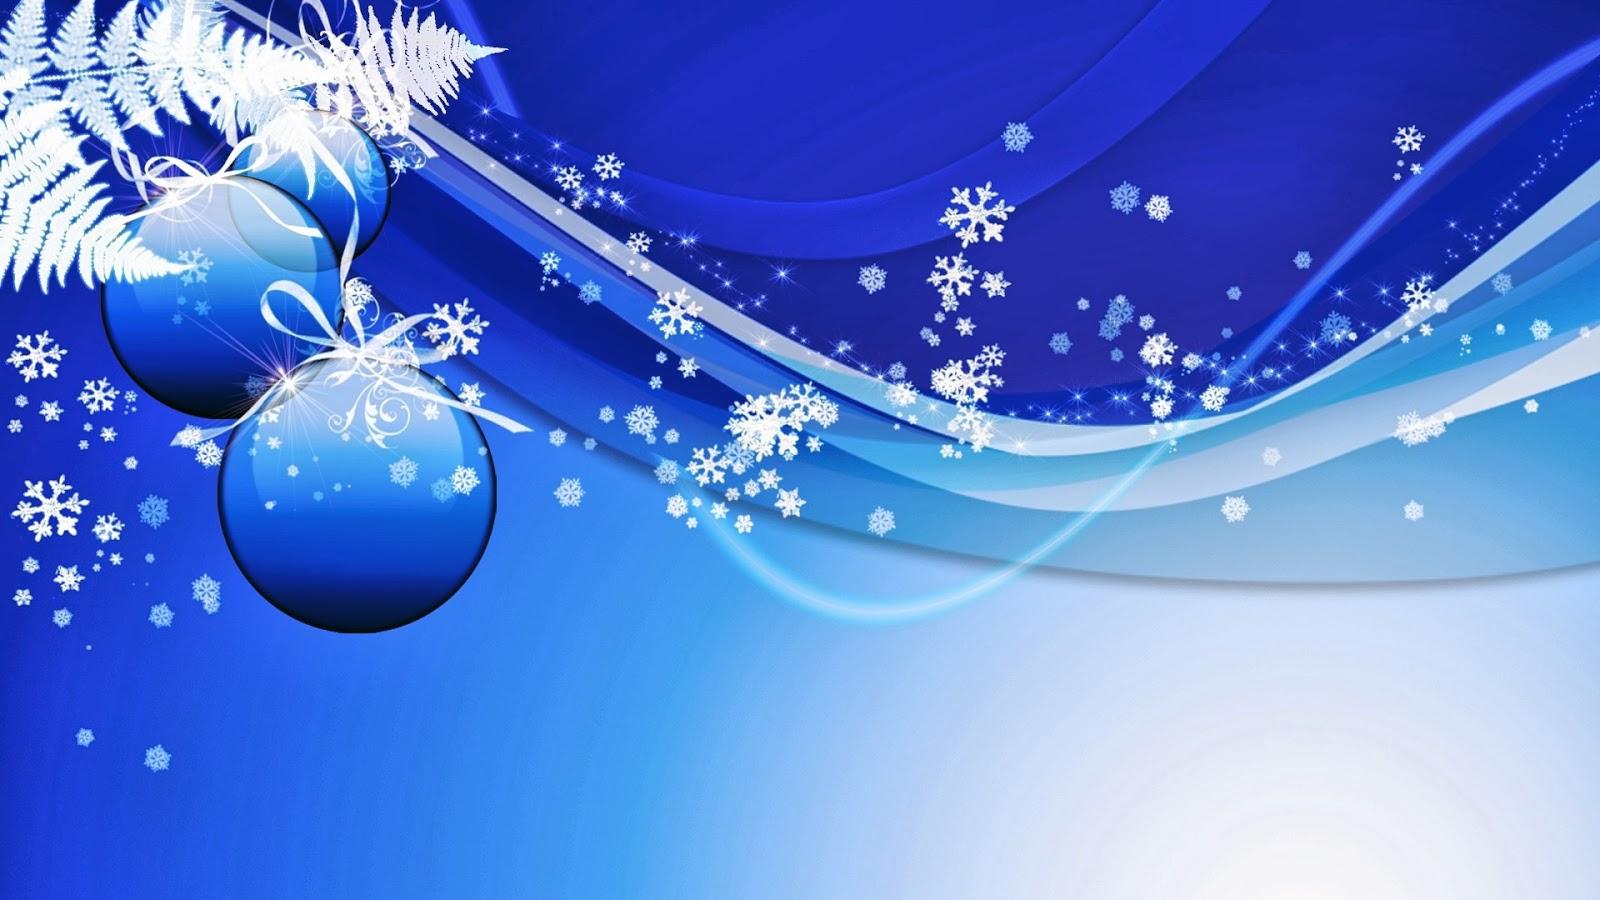 1b0ee276638a7 Wallpapers de Navidad - Feliz Navidad - Esferas navideñas azules con fondo  azul